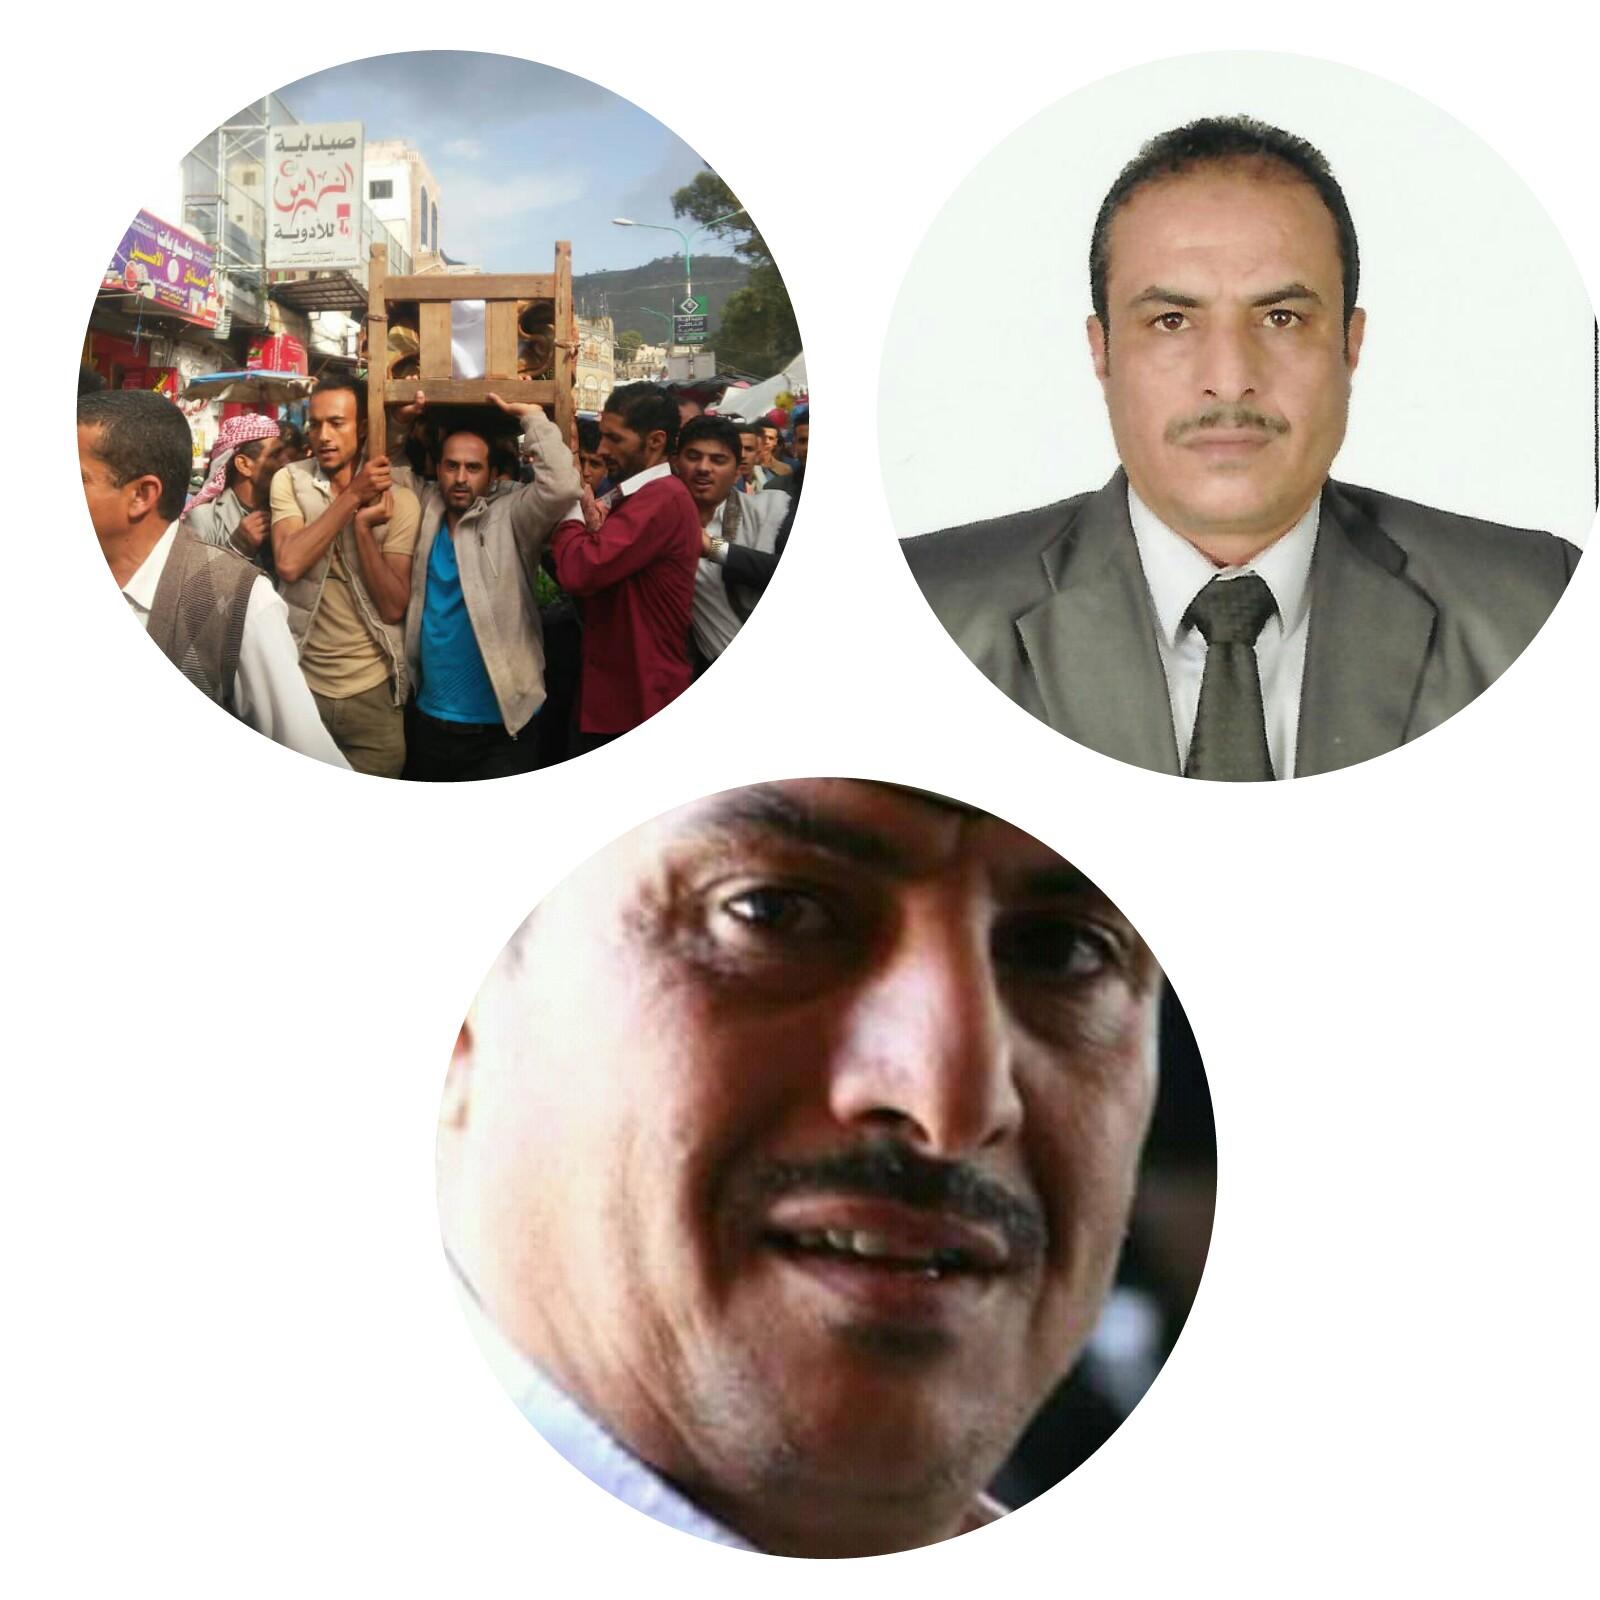 قيادة محافظة إب تنعي وفاة الزميل الاعلامي محمد الدعيس.